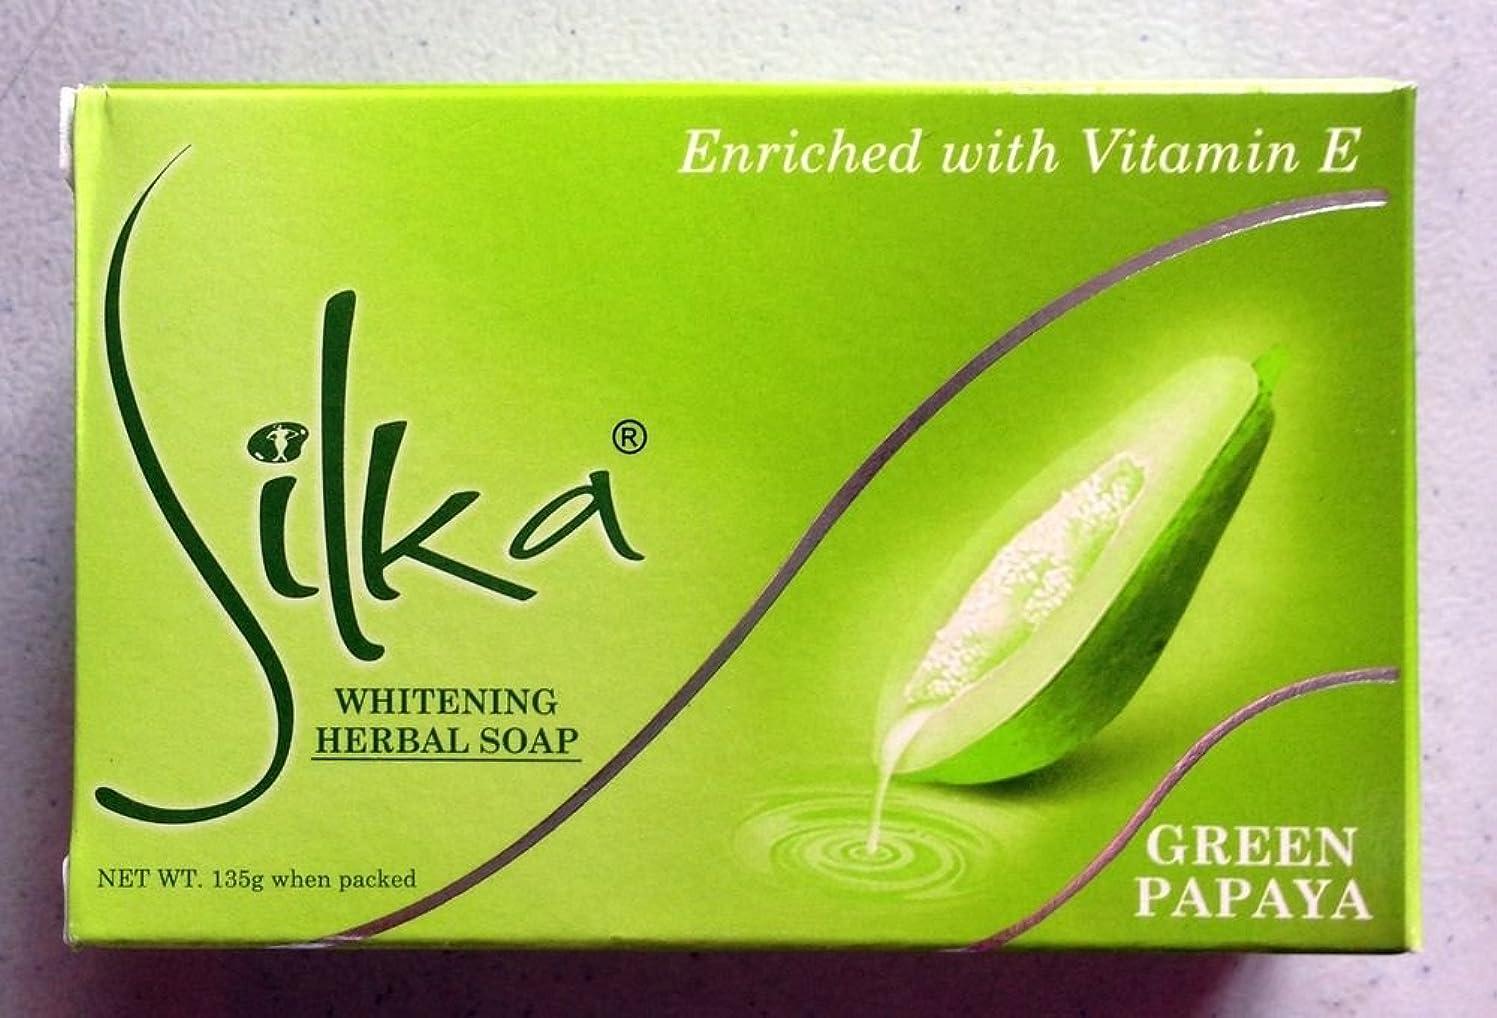 スキャン代替毎月シルカ グリーン パパイヤソープ 135g Silka green papaya soap